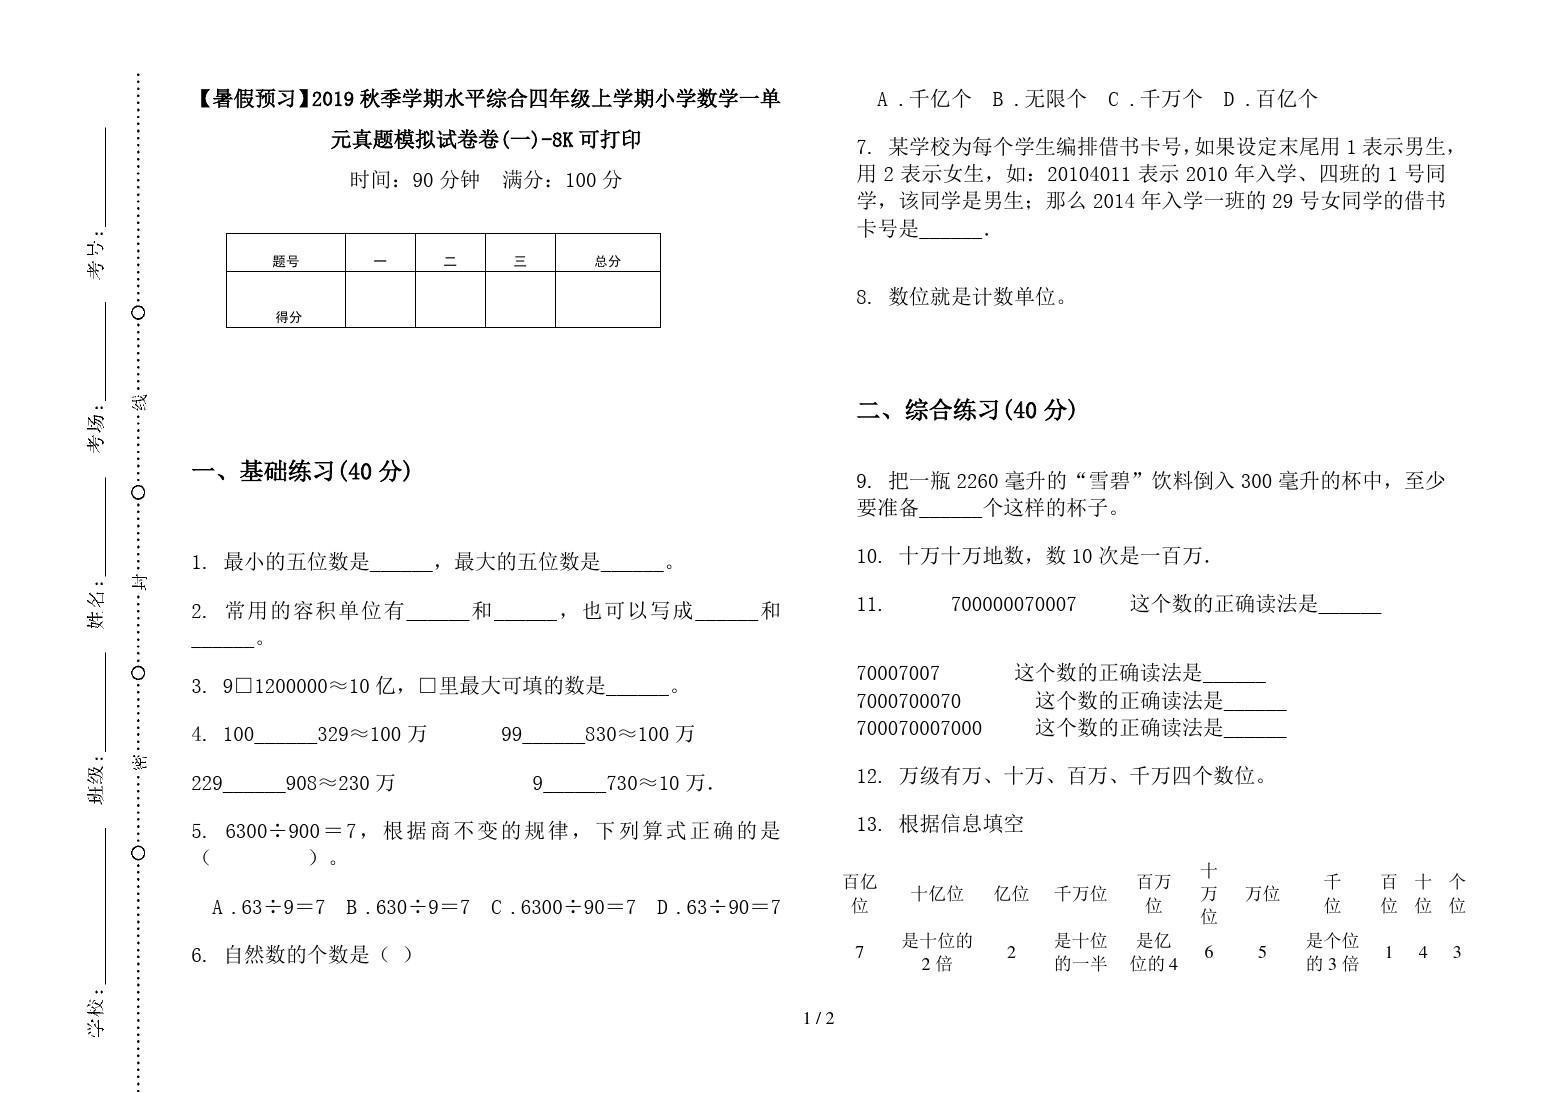 【暑假预习】2019秋季学期水平综合四年级上学期小学数学一单元真题模拟试卷卷(一)-8K可打印